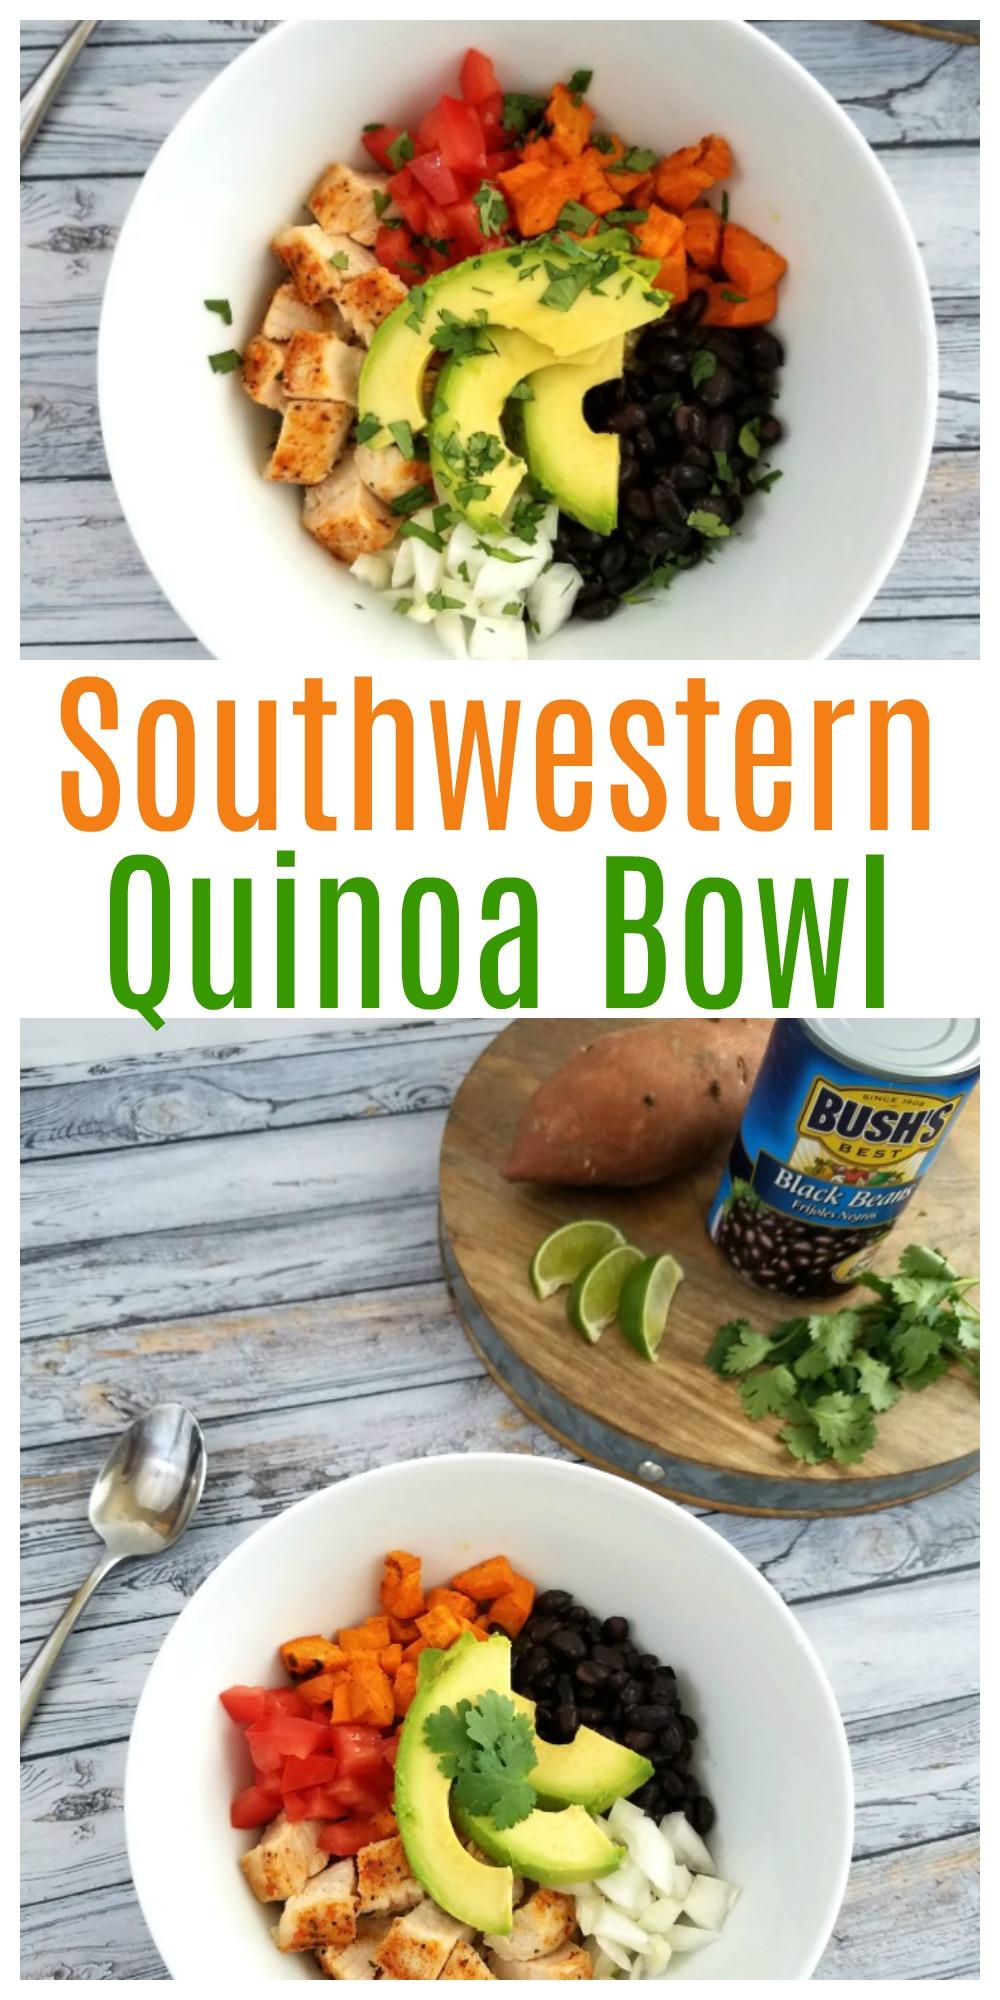 Southwestern Quinoa Bowl Recipe